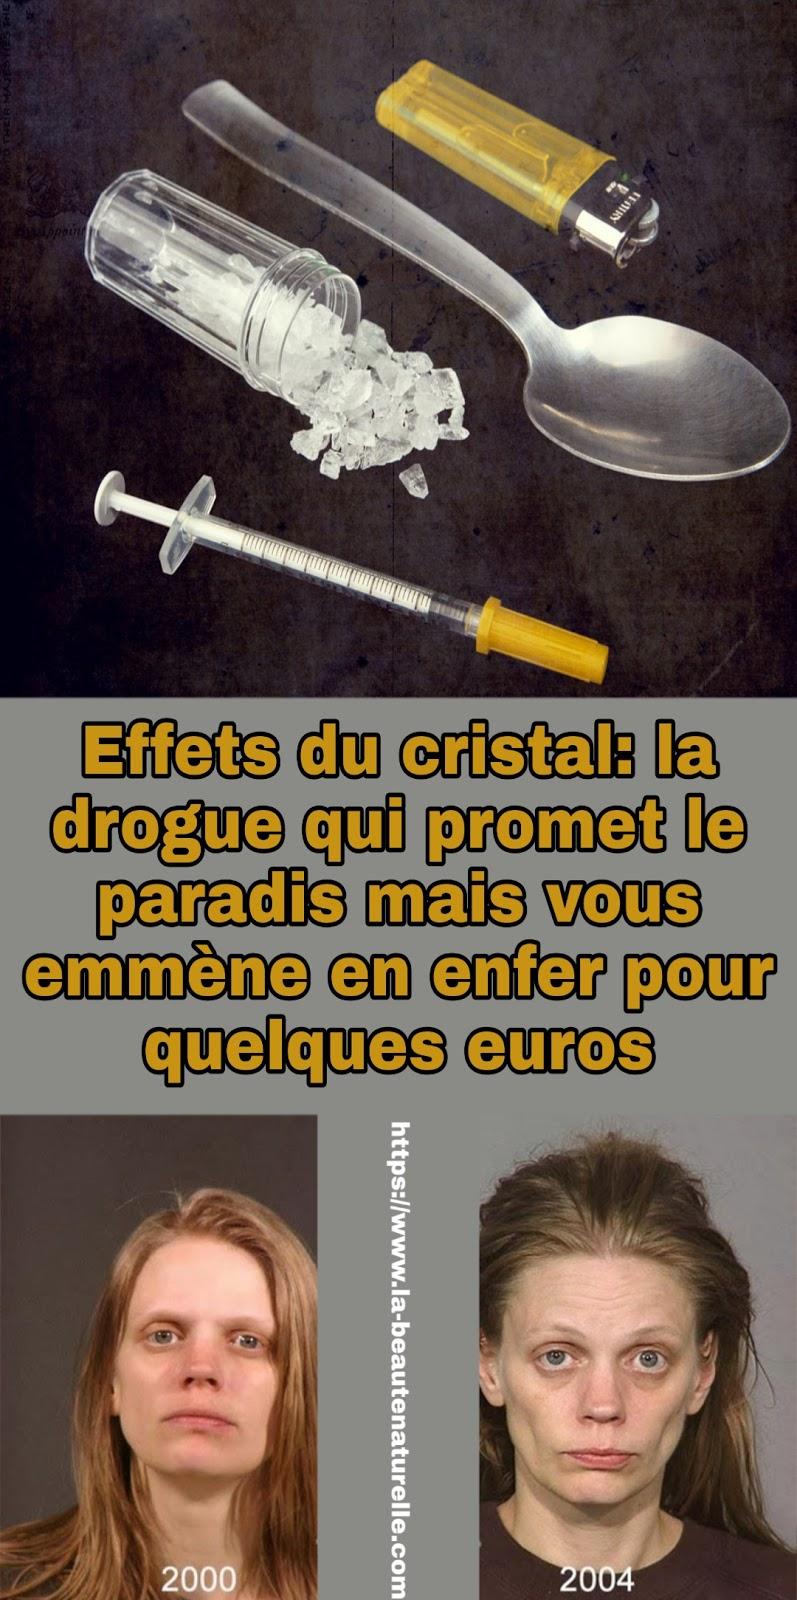 Effets du cristal: la drogue qui promet le paradis mais vous emmène en enfer pour quelques euros